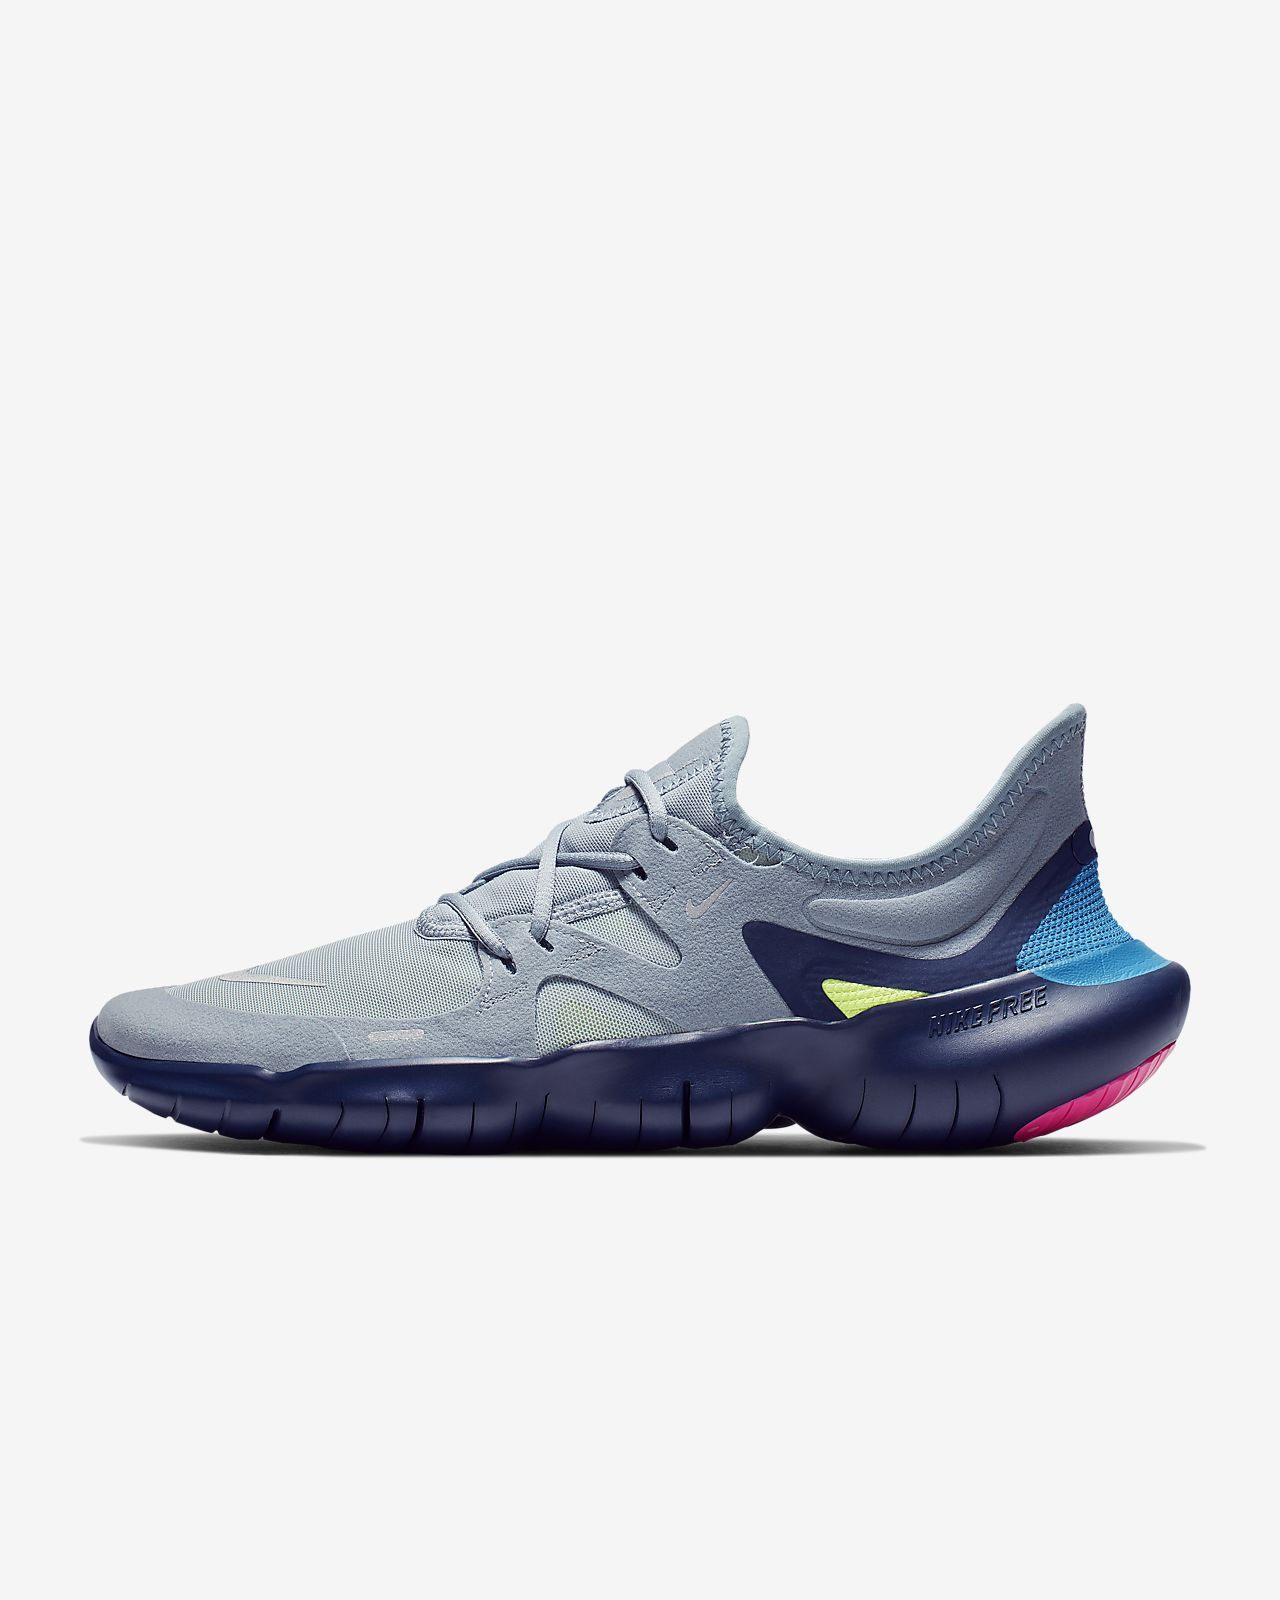 kody promocyjne Całkiem nowy niska cena sprzedaży Męskie buty do biegania Nike Free RN 5.0